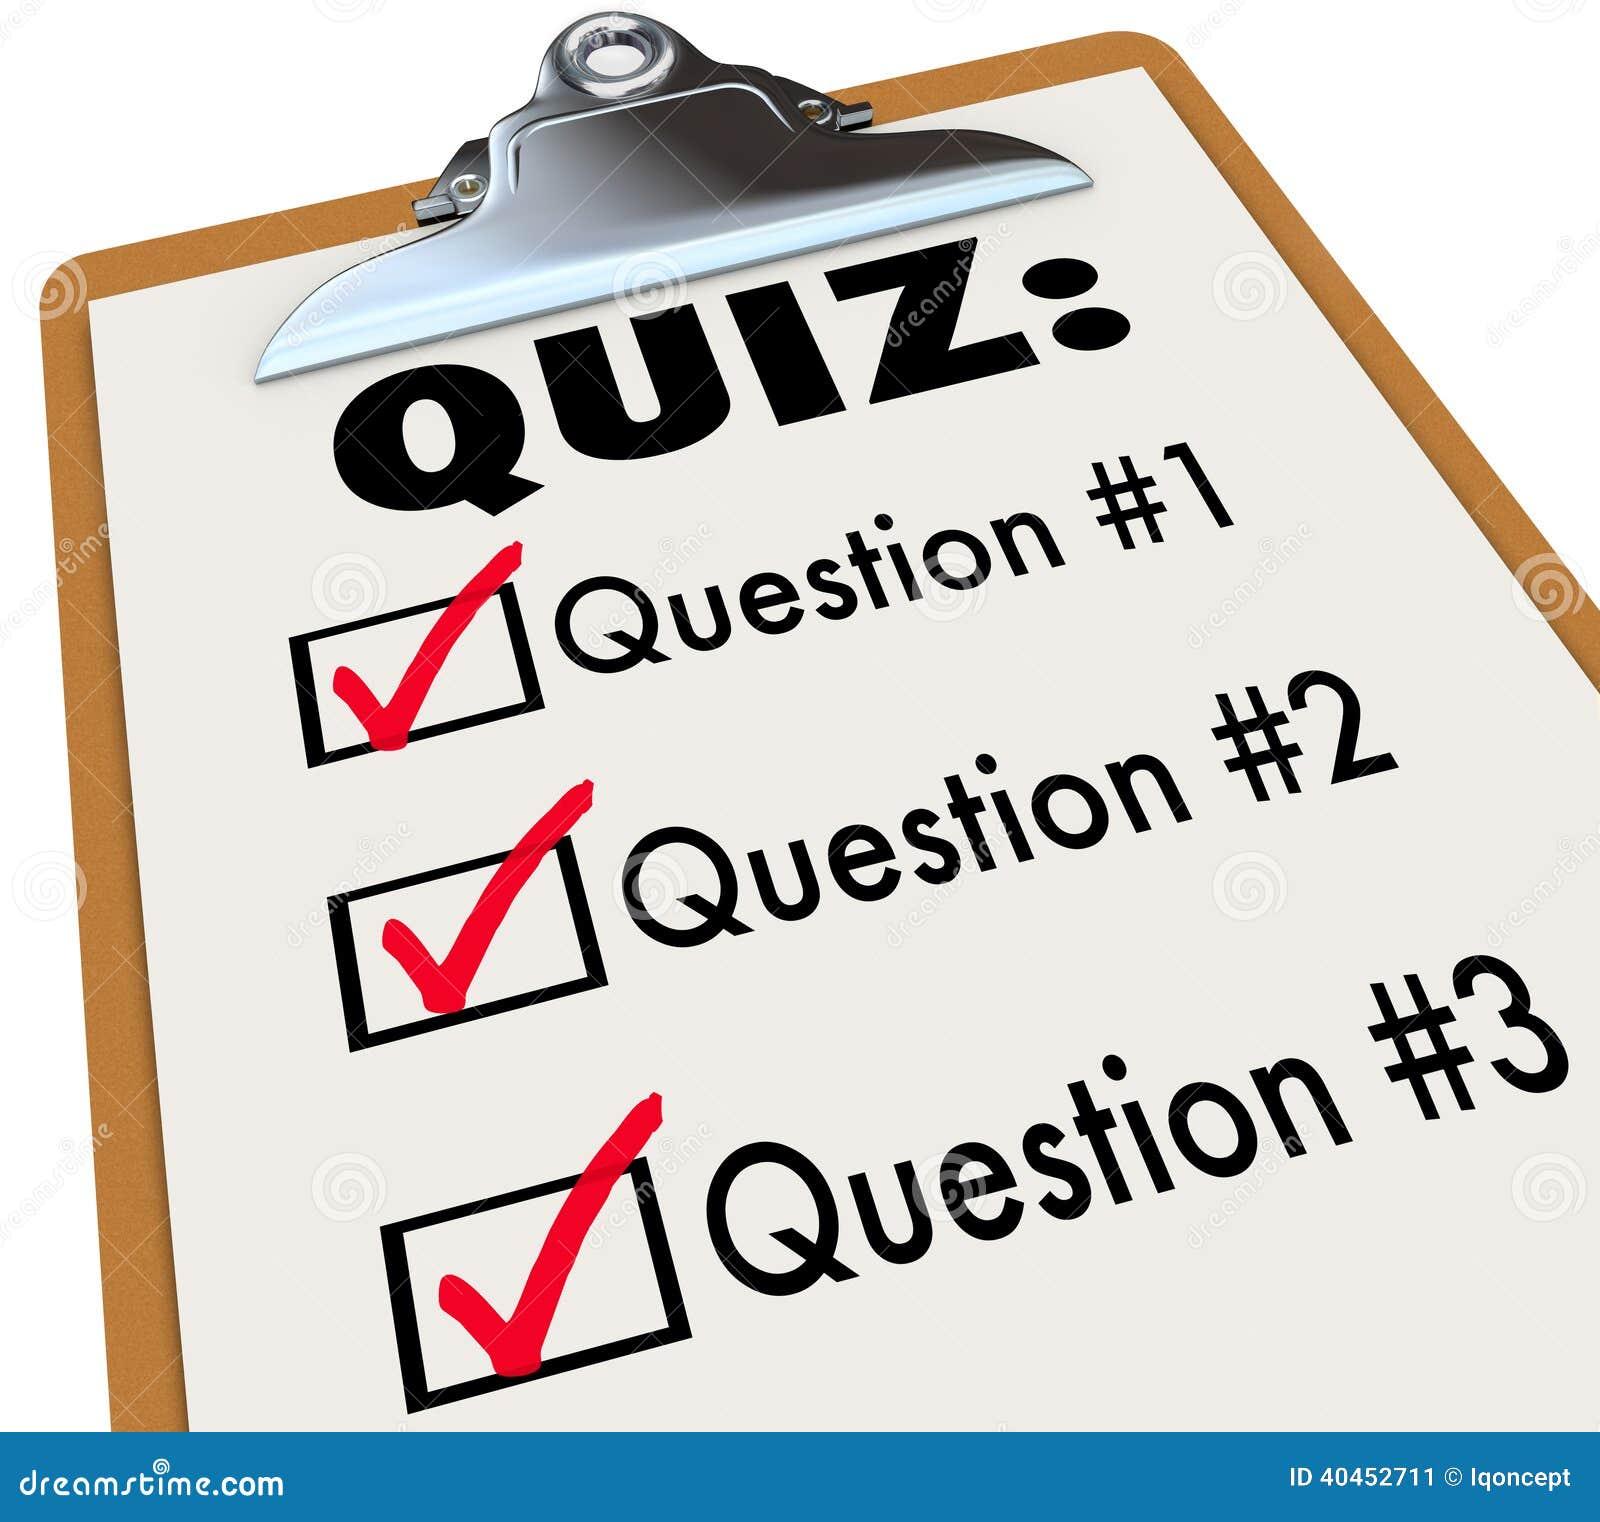 Quiz Wort Klemmbrett Drei Stellt Antwort Test Bewertung In Frage